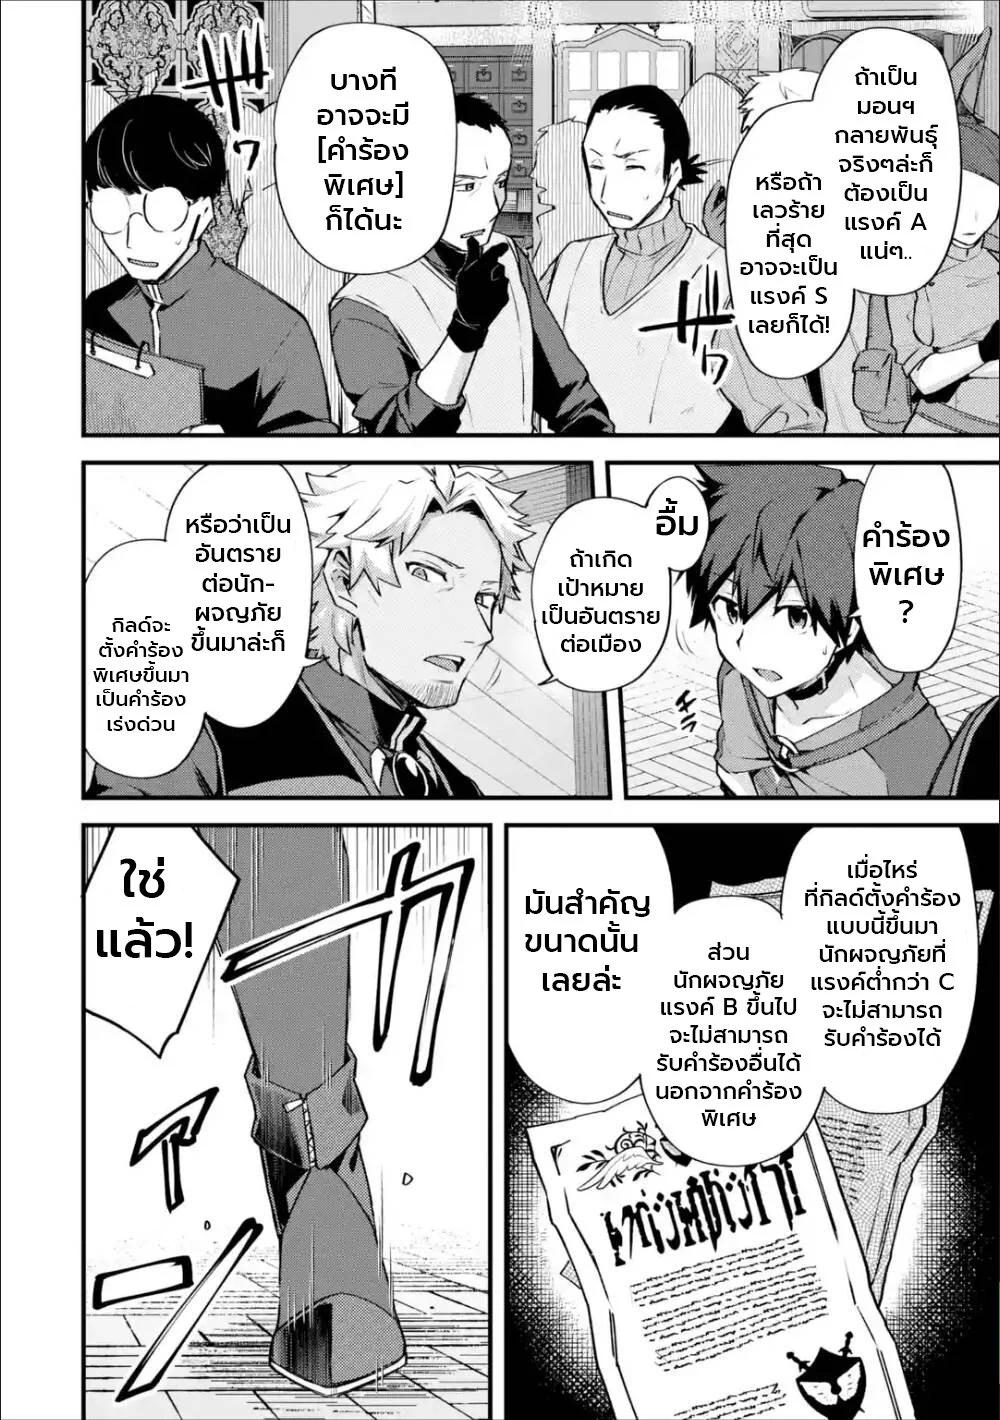 อ่านการ์ตูน Nido Tensei Shita Shounen wa S Rank Boukensha Toshite Heion ni Sugosu-zense ga kenja de eiyuu datta boku wa raisede wa jimini ikiru ตอนที่ 18 หน้าที่ 8